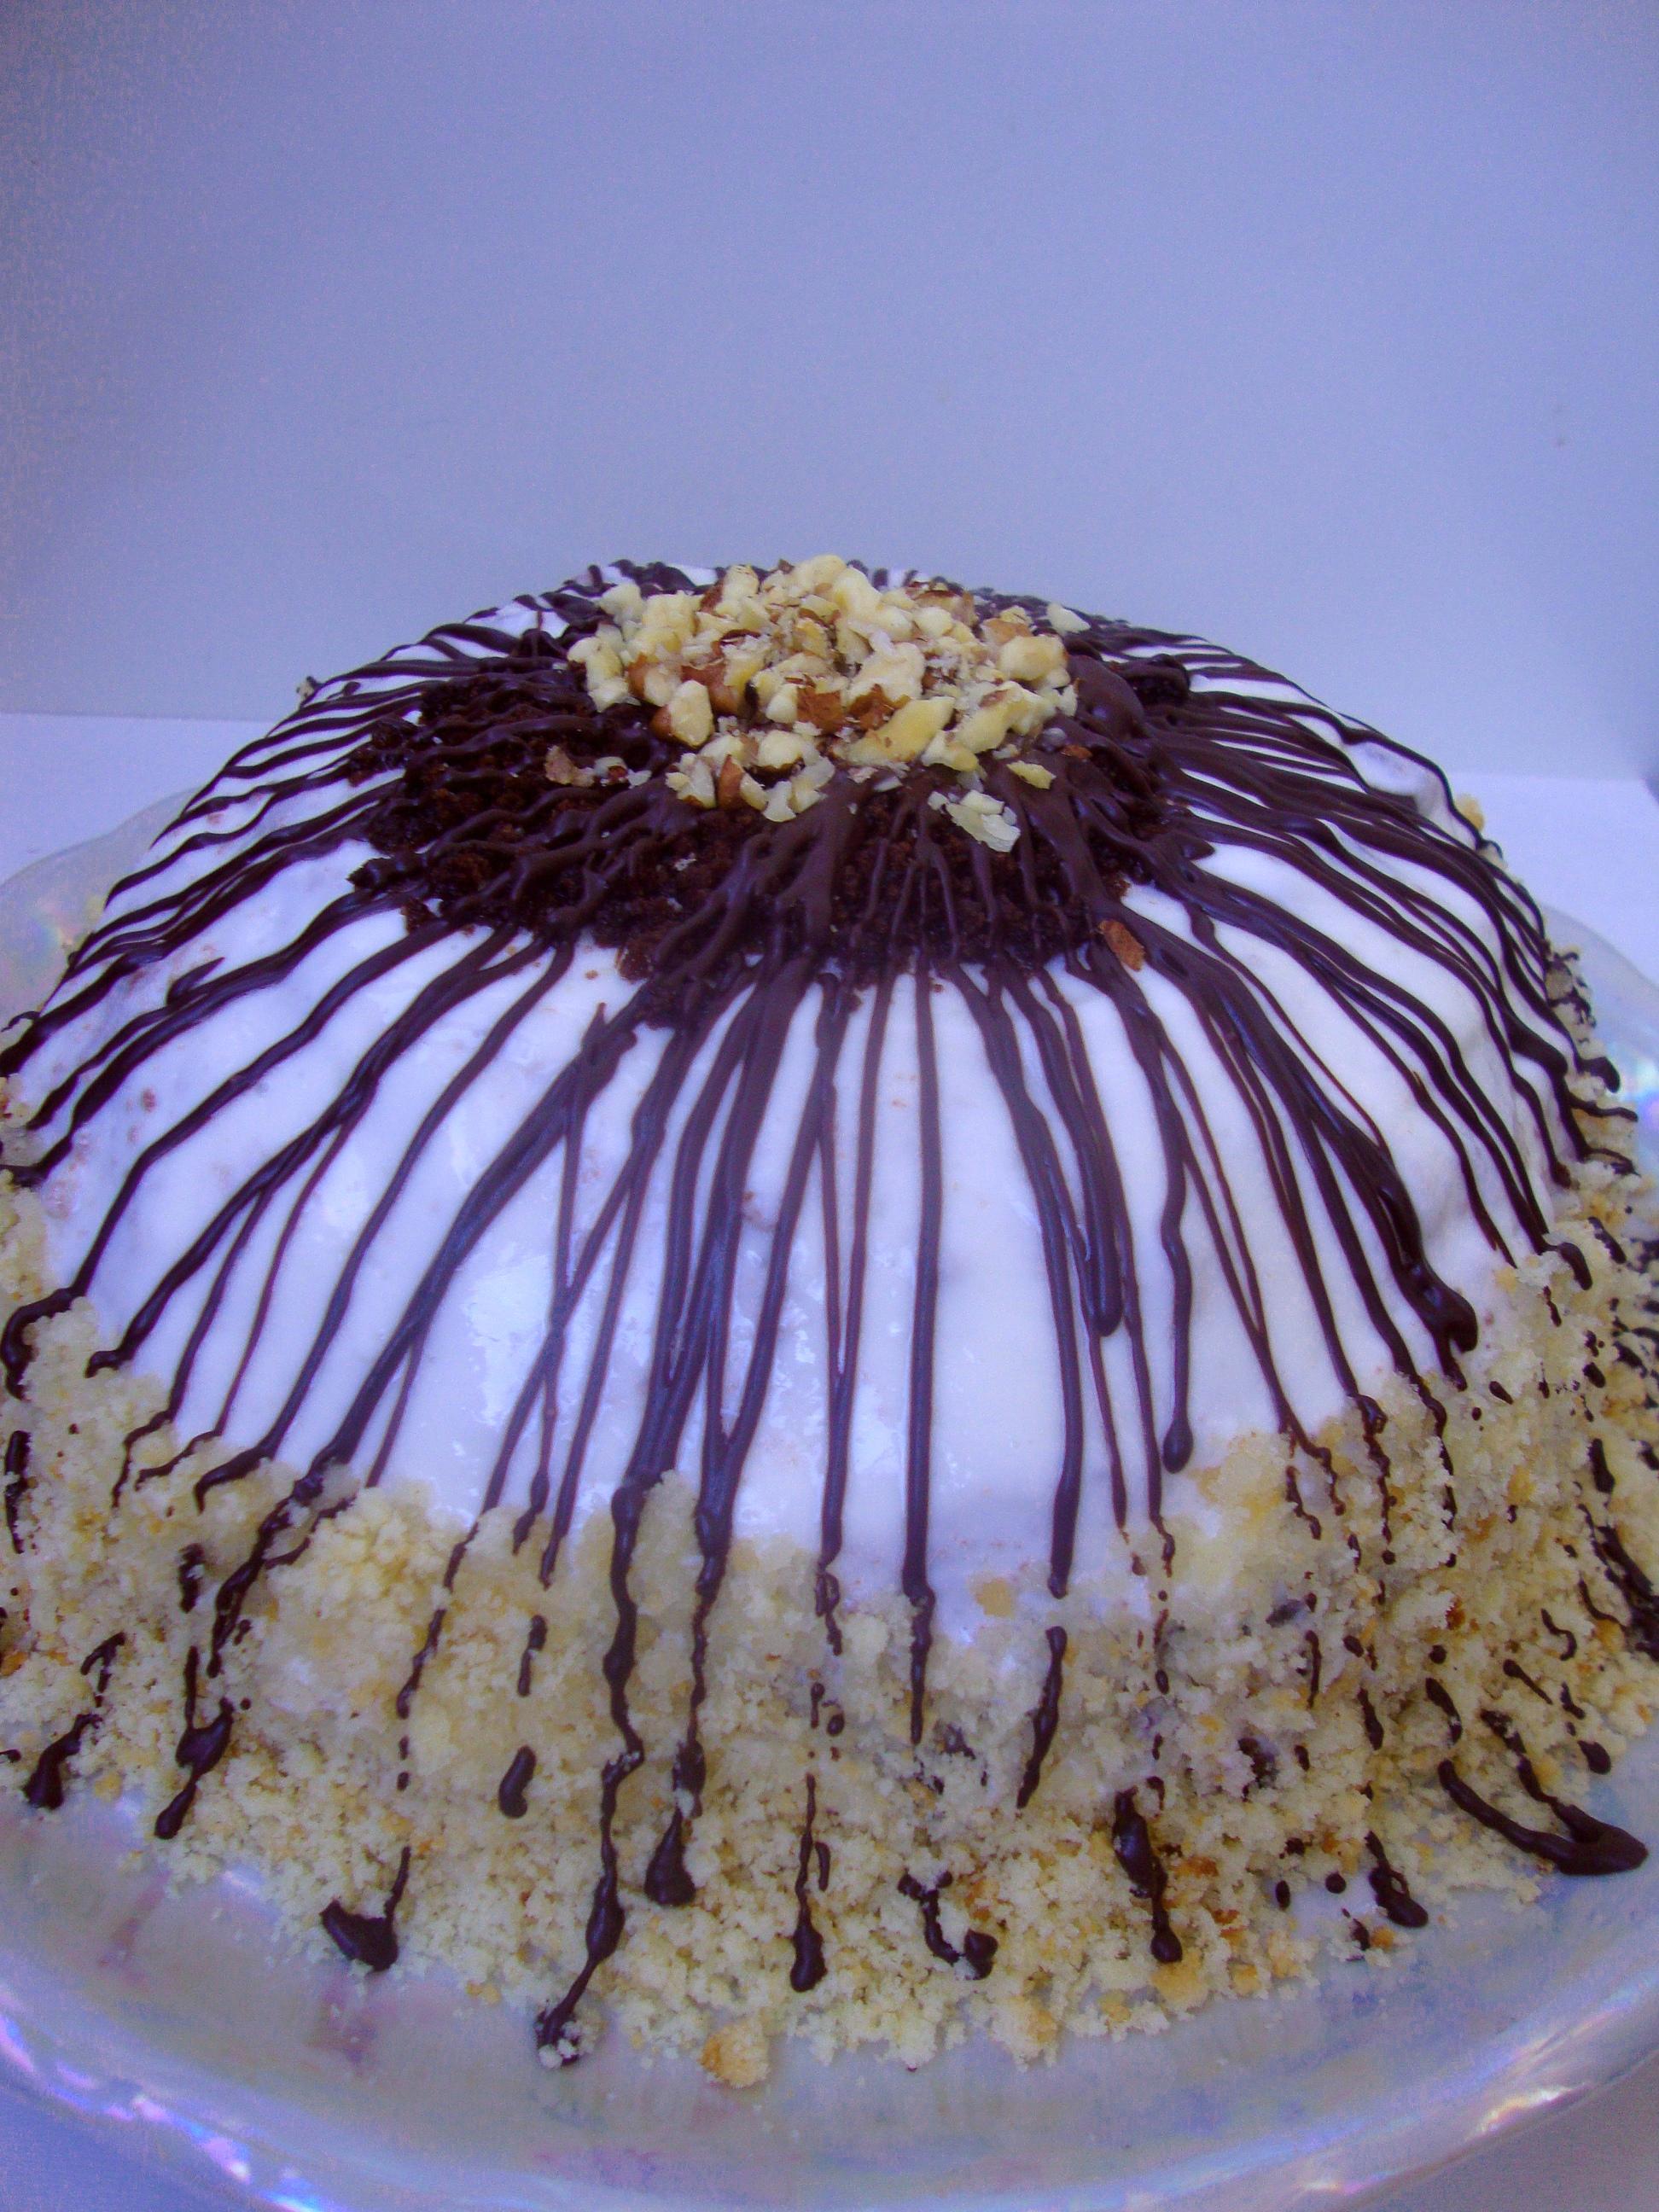 Но приготовление этого вкуснейшего торта в домашних условиях предоставляет хозяйке массу преимуществ: крема можно использовать больше, орехи можно взять разных видов, а шоколадную глазурь получиться приготовить из своего любимого шоколада.